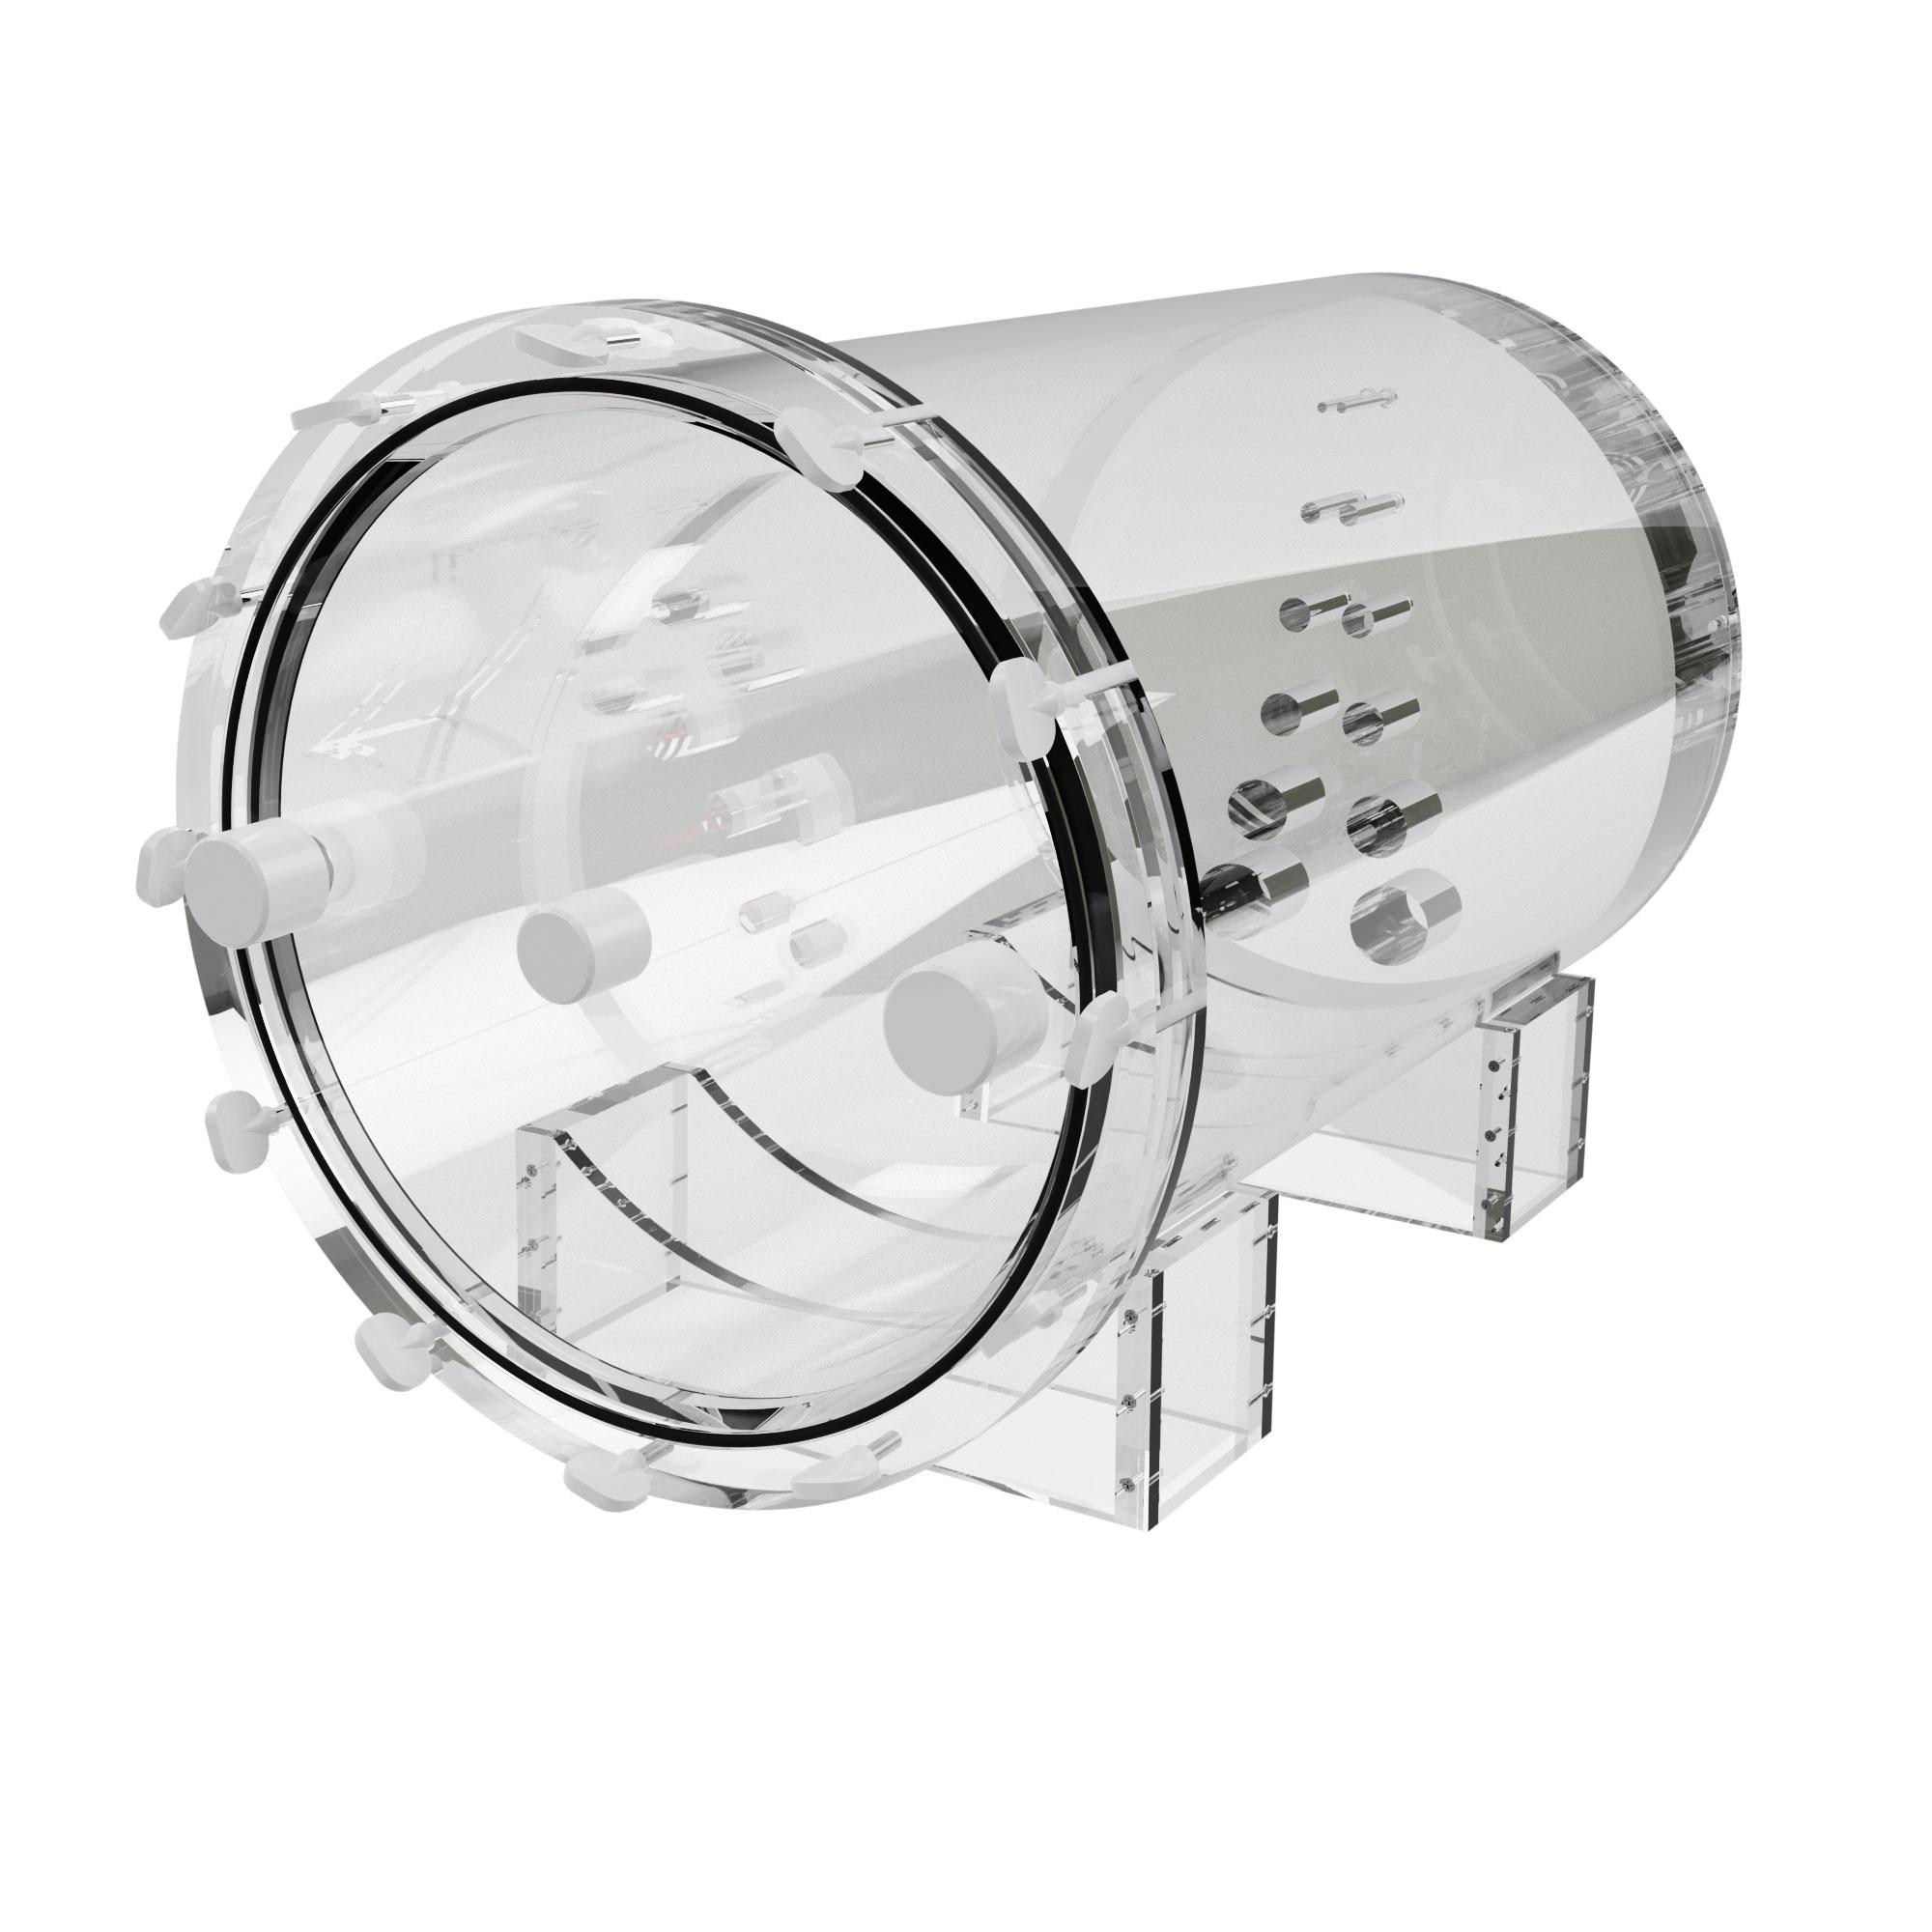 Pro-CT AAPM water tank